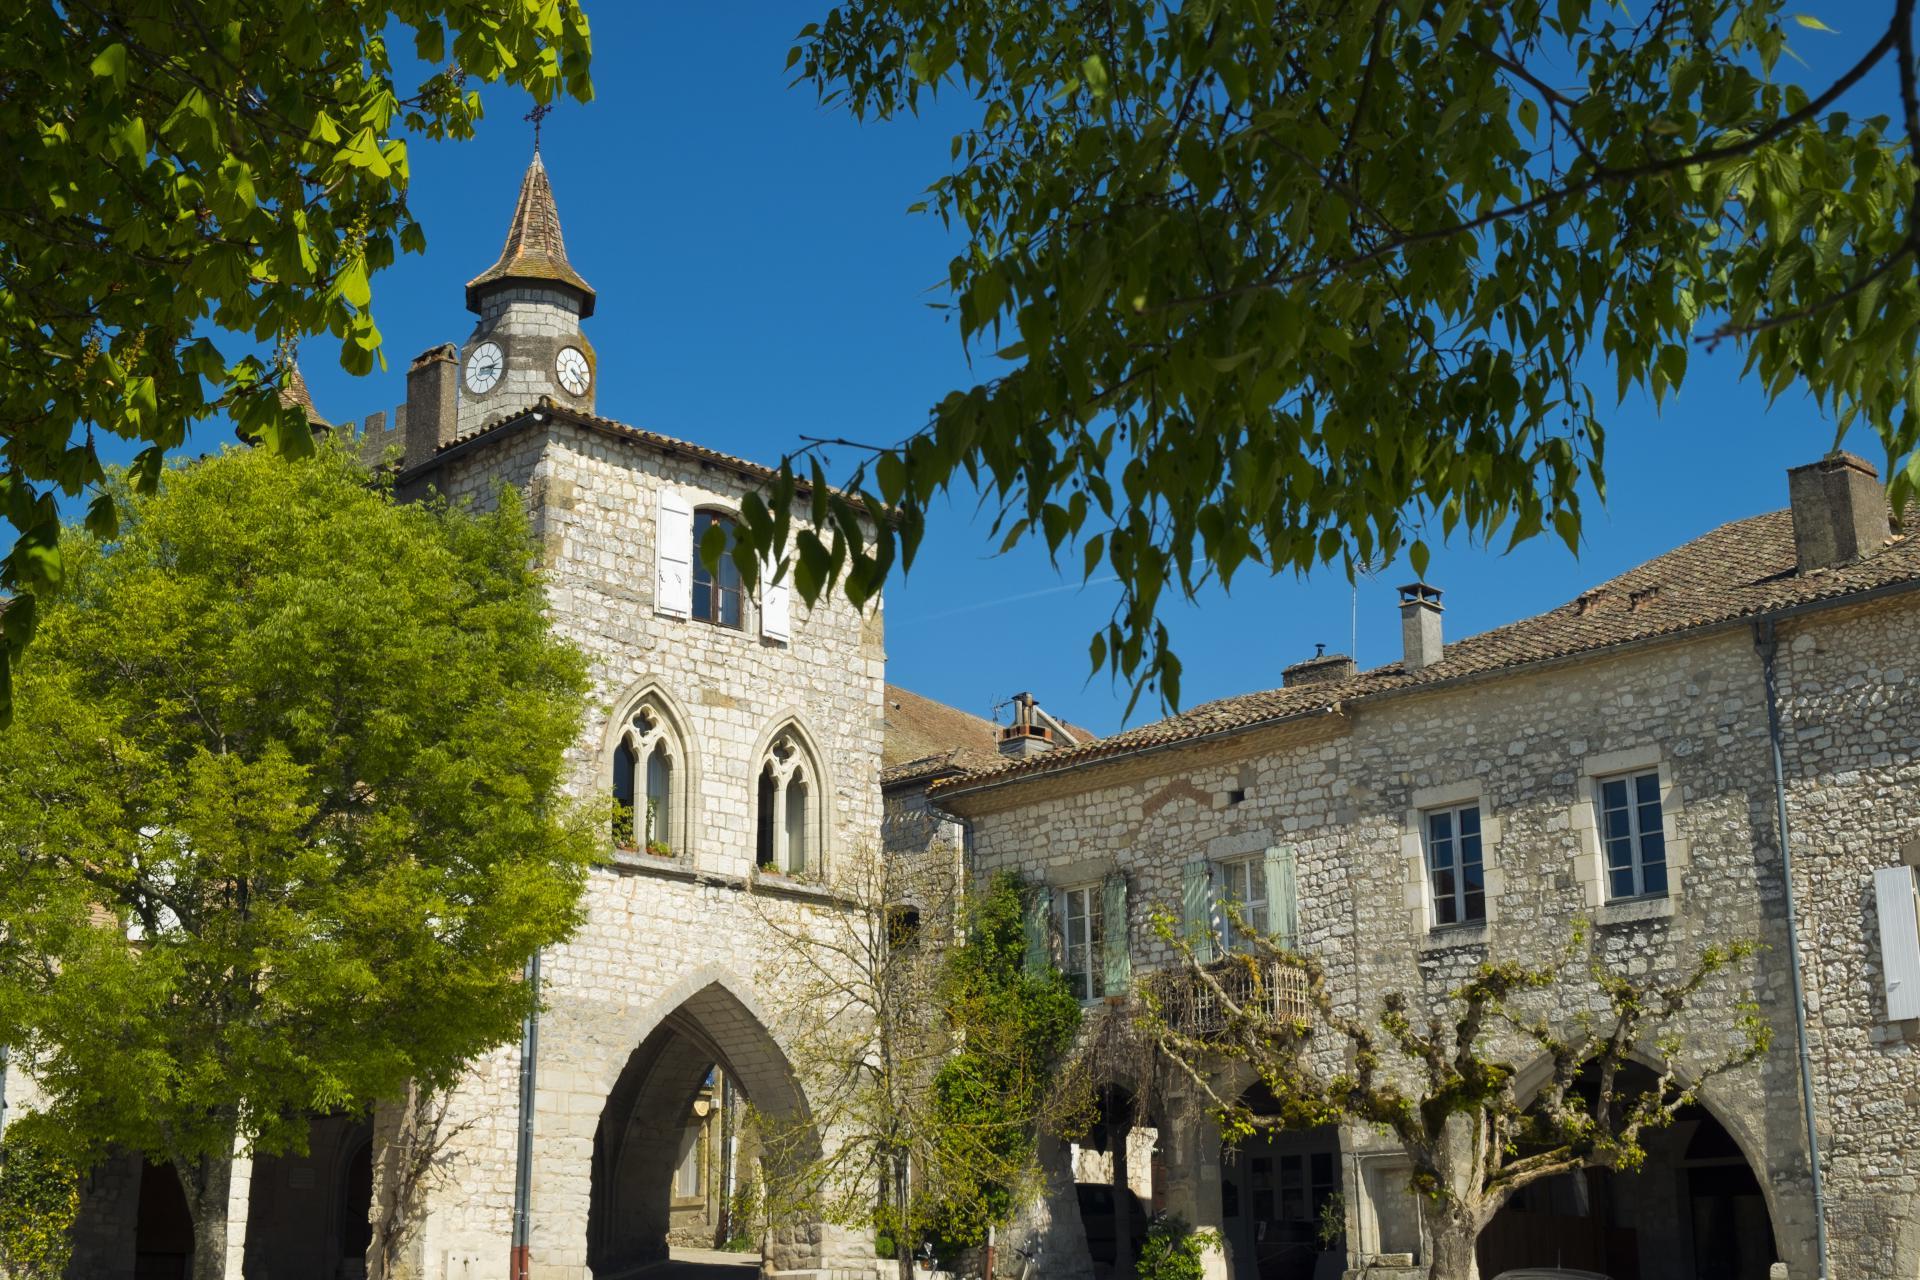 Monflanquin Hilltop Bastide Town